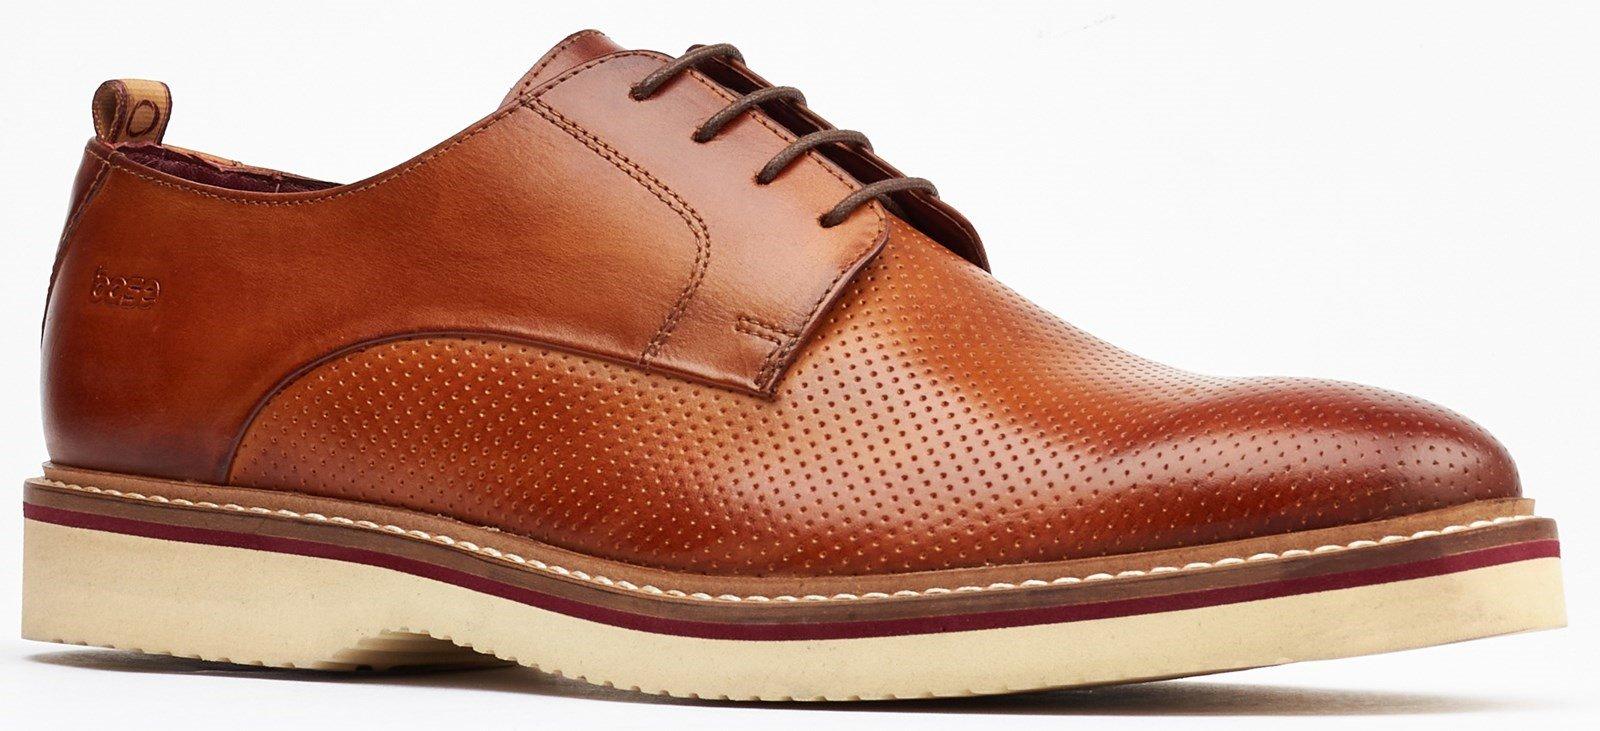 Base London Men's Grady Derby Shoe Tan 32254 - Tan 7